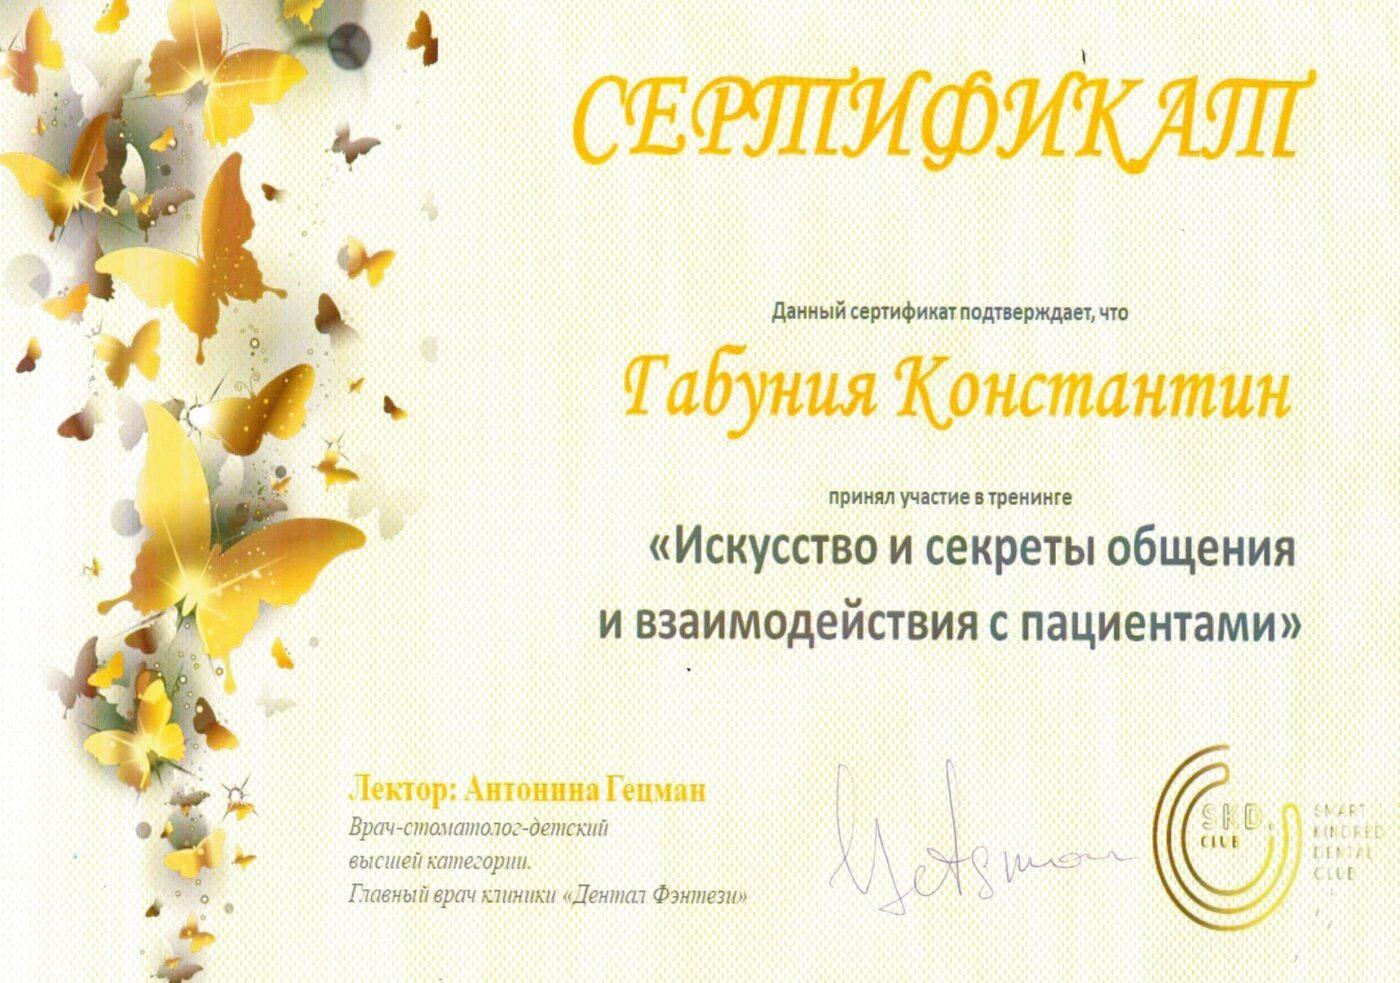 Сертифікат Габунії К.П. об участі у тренинге (Искусство и секреты общения и взаимодействия с пациентами)